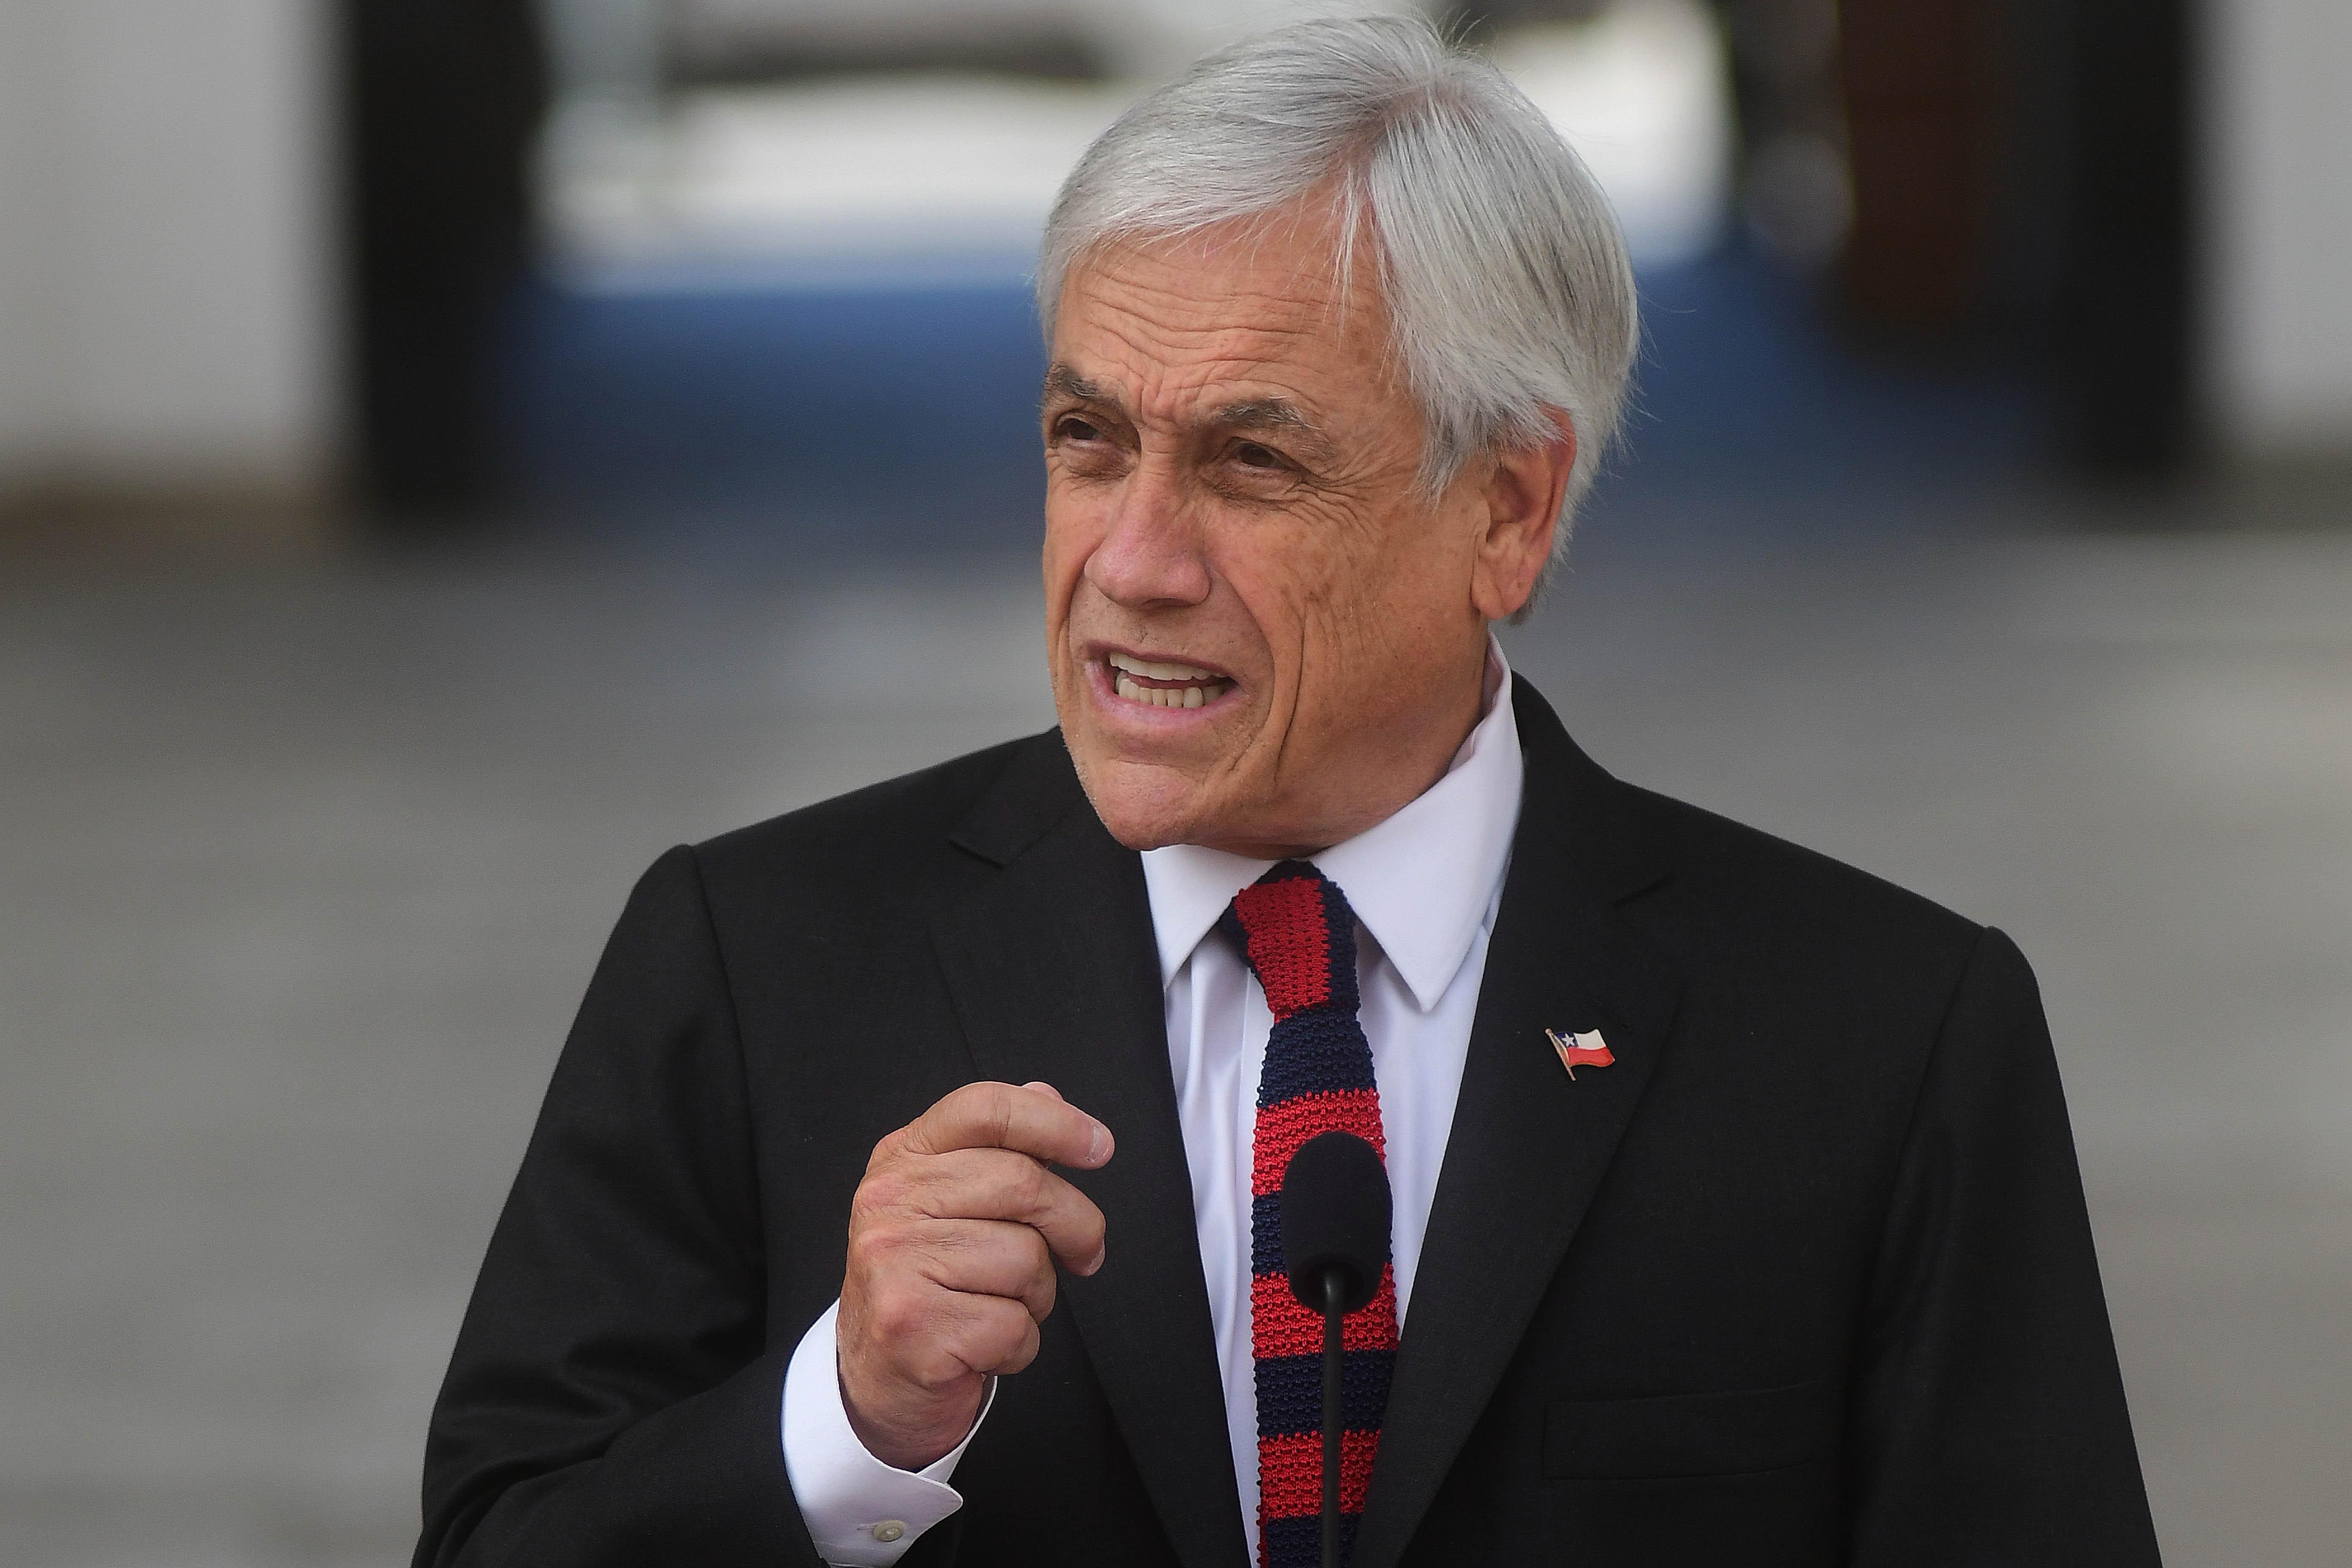 10 de diciembre de 2018/SANTIAGO El presidente de la Republica, Sebastián Piñera, sale a explicar por qué Chile no firmo el pacto migratorio de Marrakech, firmado en Marruecos. FOTO: SEBASTIAN BELTRAN GAETE/AGENCIAUNO